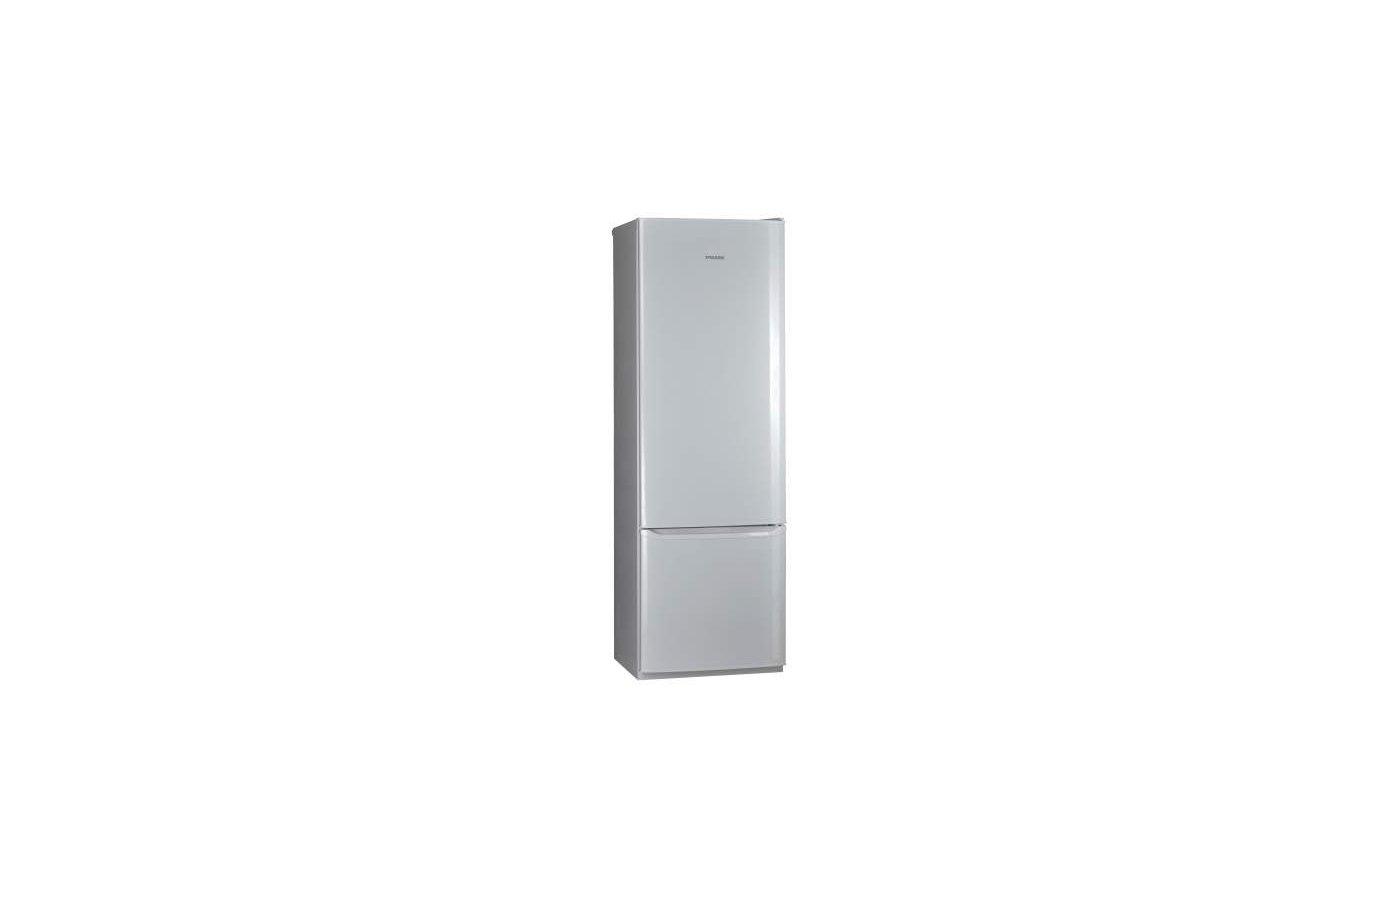 Холодильник POZIS RK-103 A серебристый